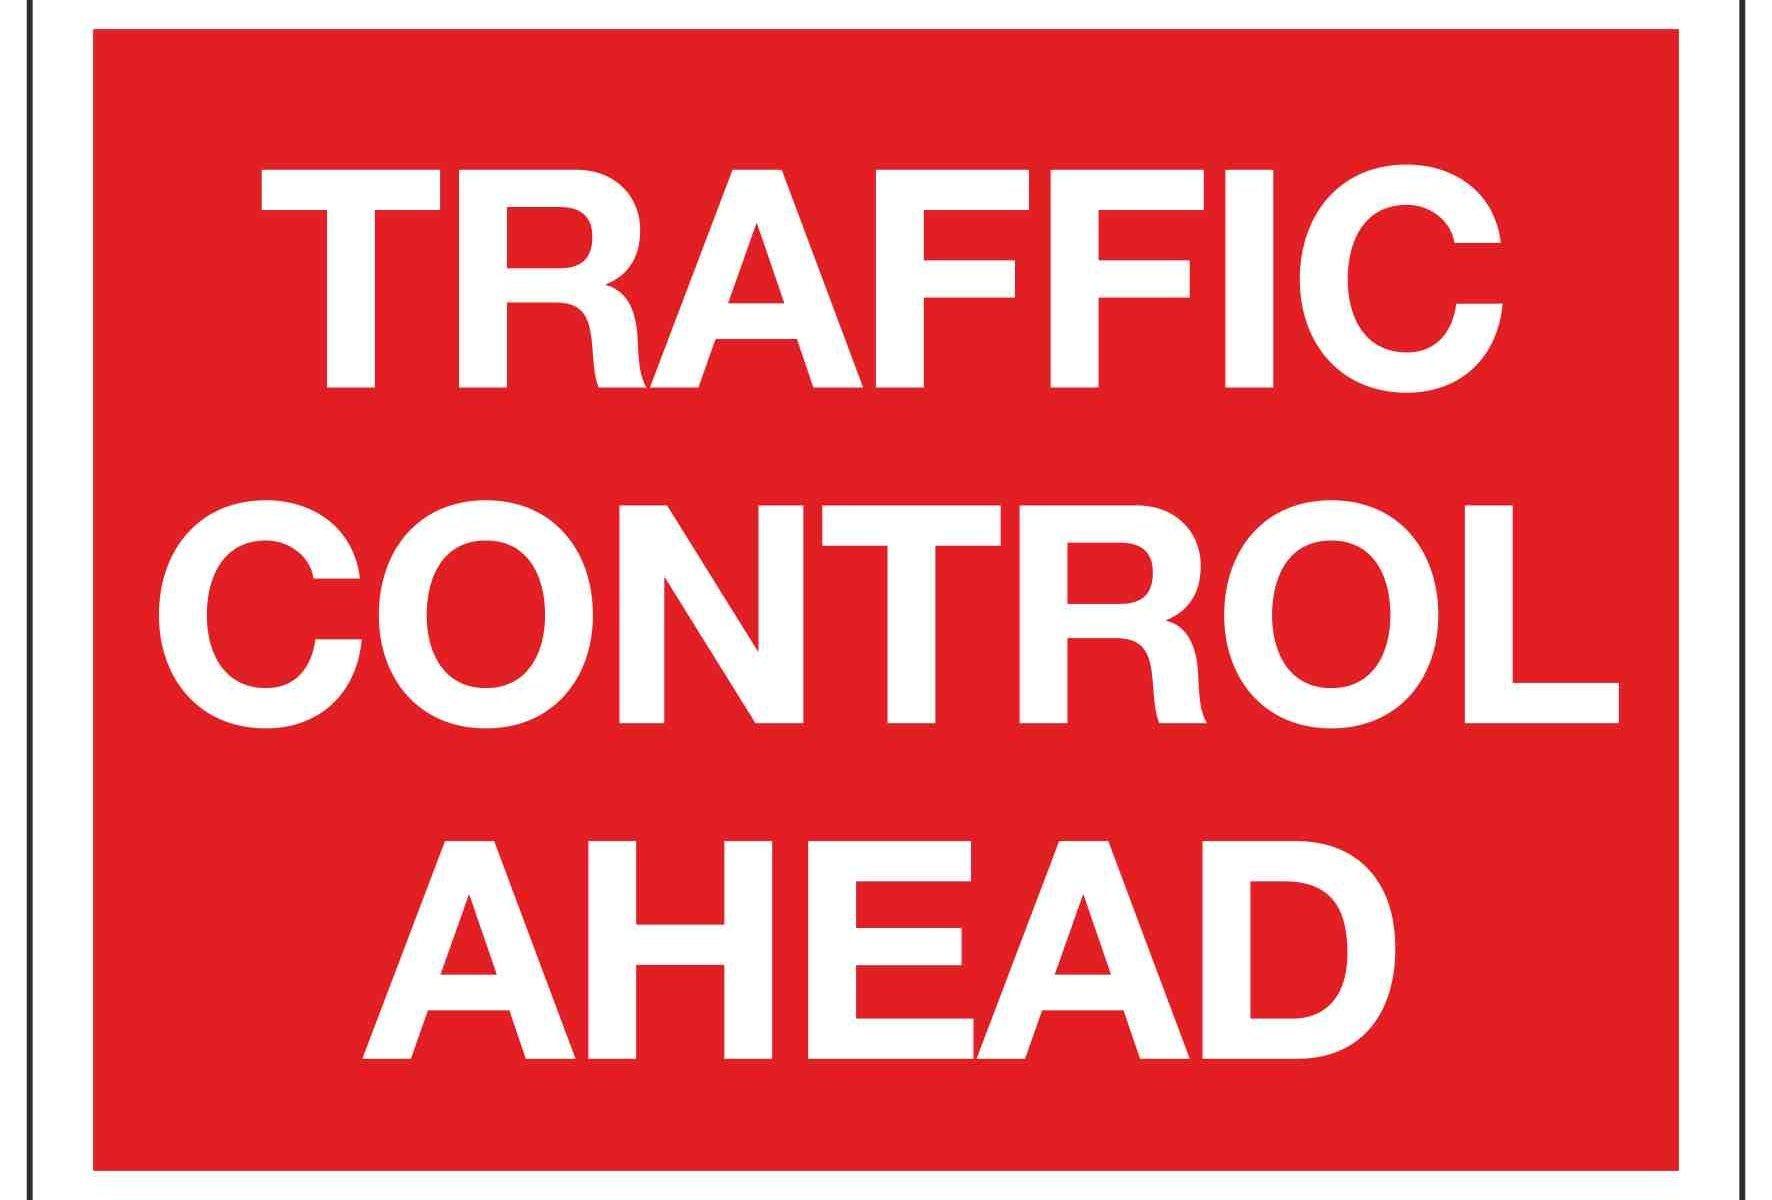 TRAFFIC CONTROL AHEAD